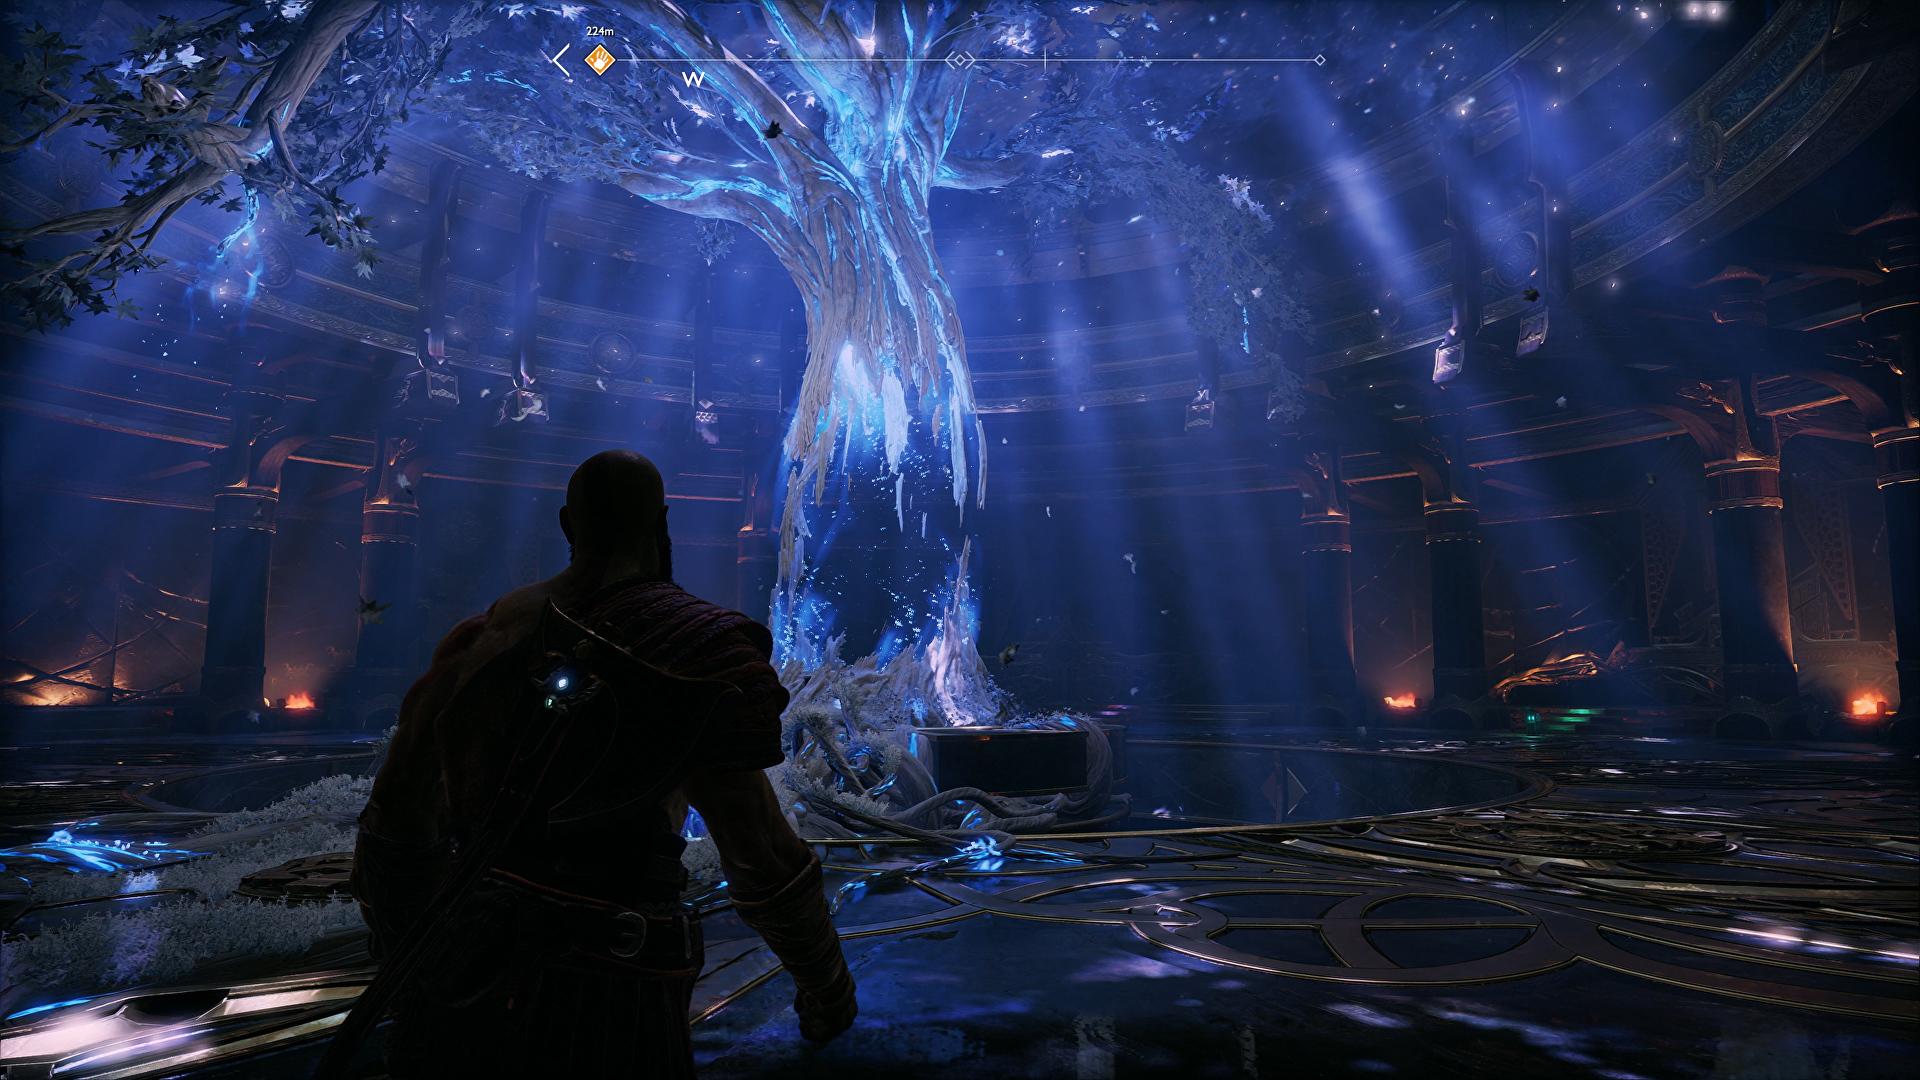 تحلیل فنی | بررسی عملکرد God of War بر روی کنسول پلی استیشن ۴